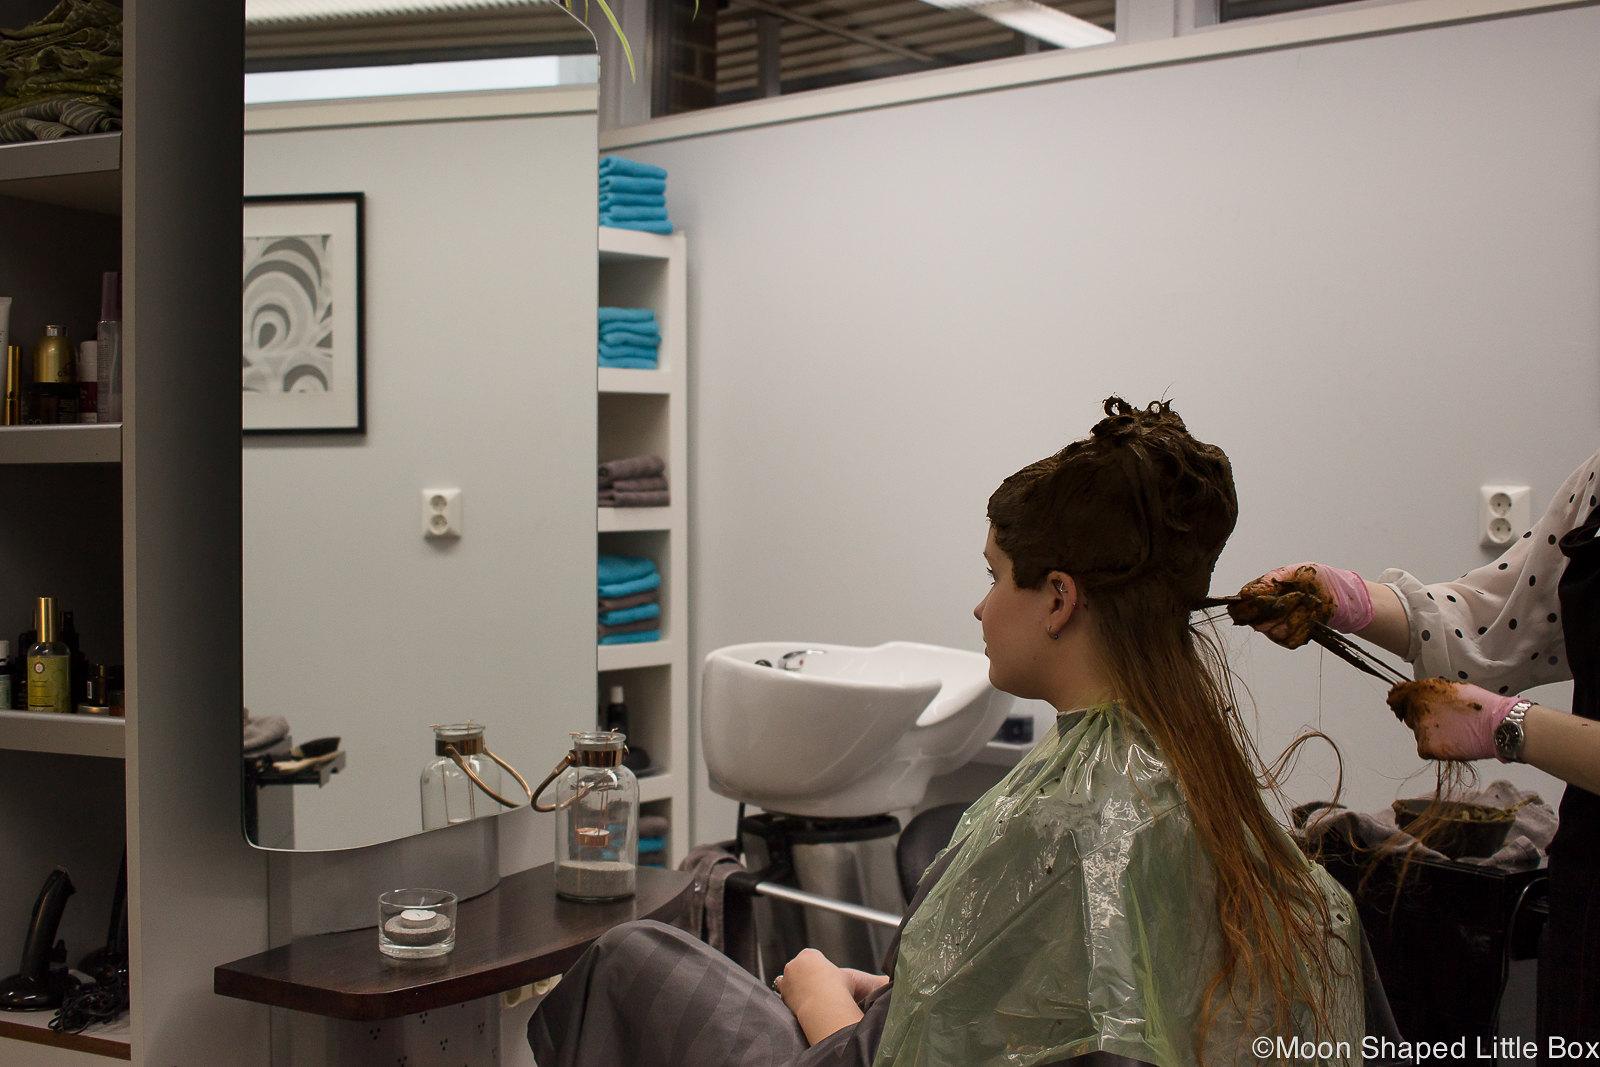 Kasvivärjätyt hiukset, kasvivärjäys kokemuksia, kasvivärjäys, Joensuu, Eco Beauty, Eco Beauty Hair, Eco Beauty Milla, kampaamo, ekokampaamo